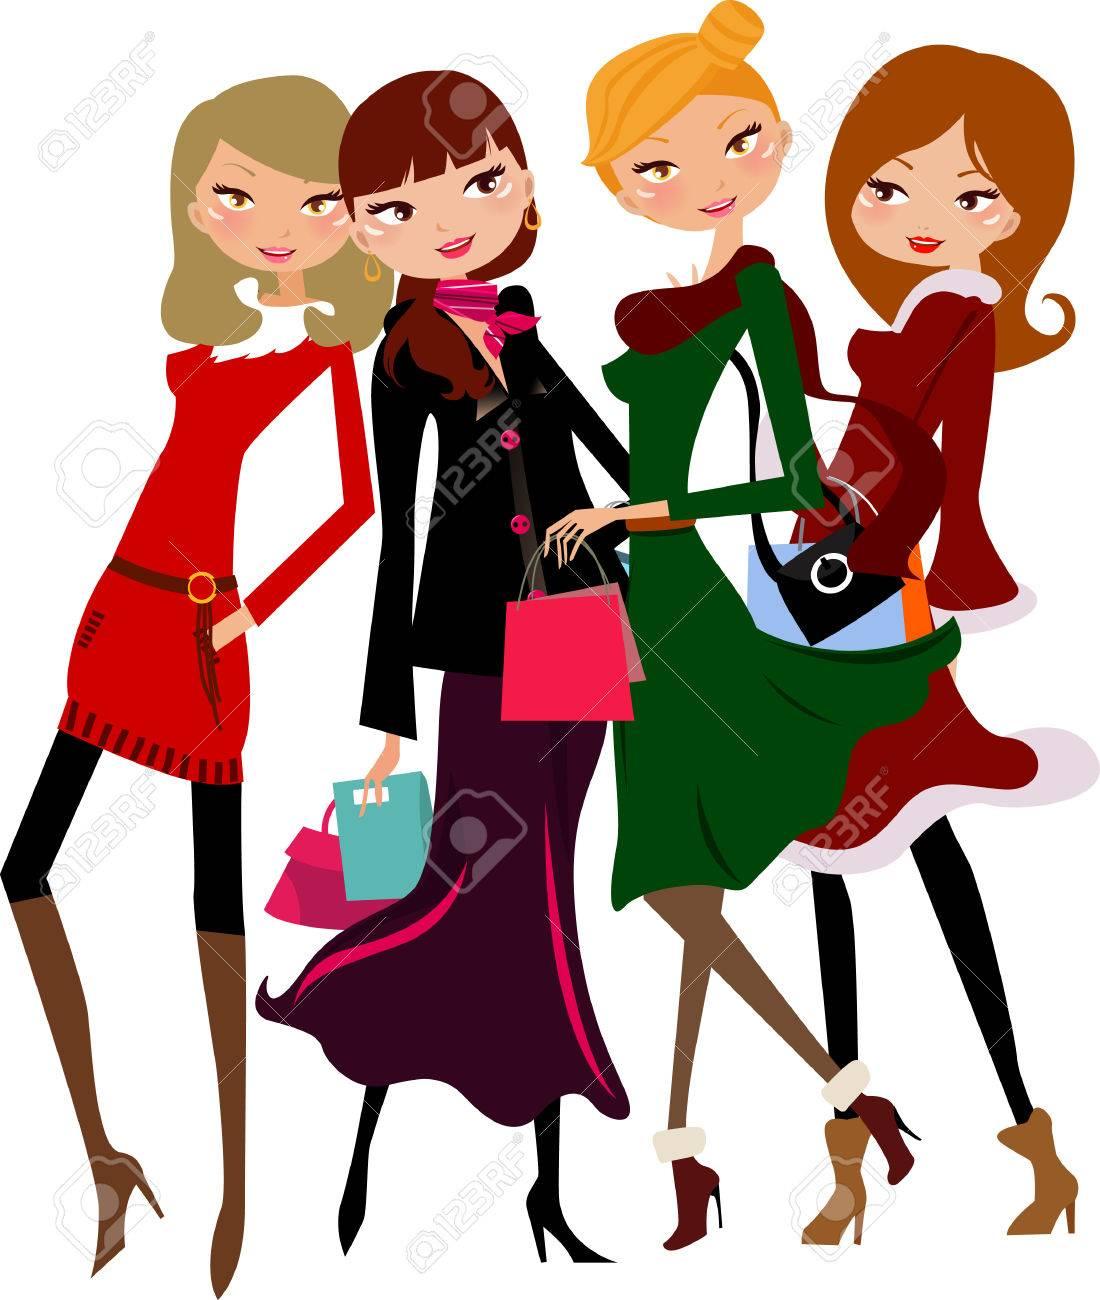 4 人のかわいい女の子のスタイリッシュなドレスのイラスト素材ベクタ